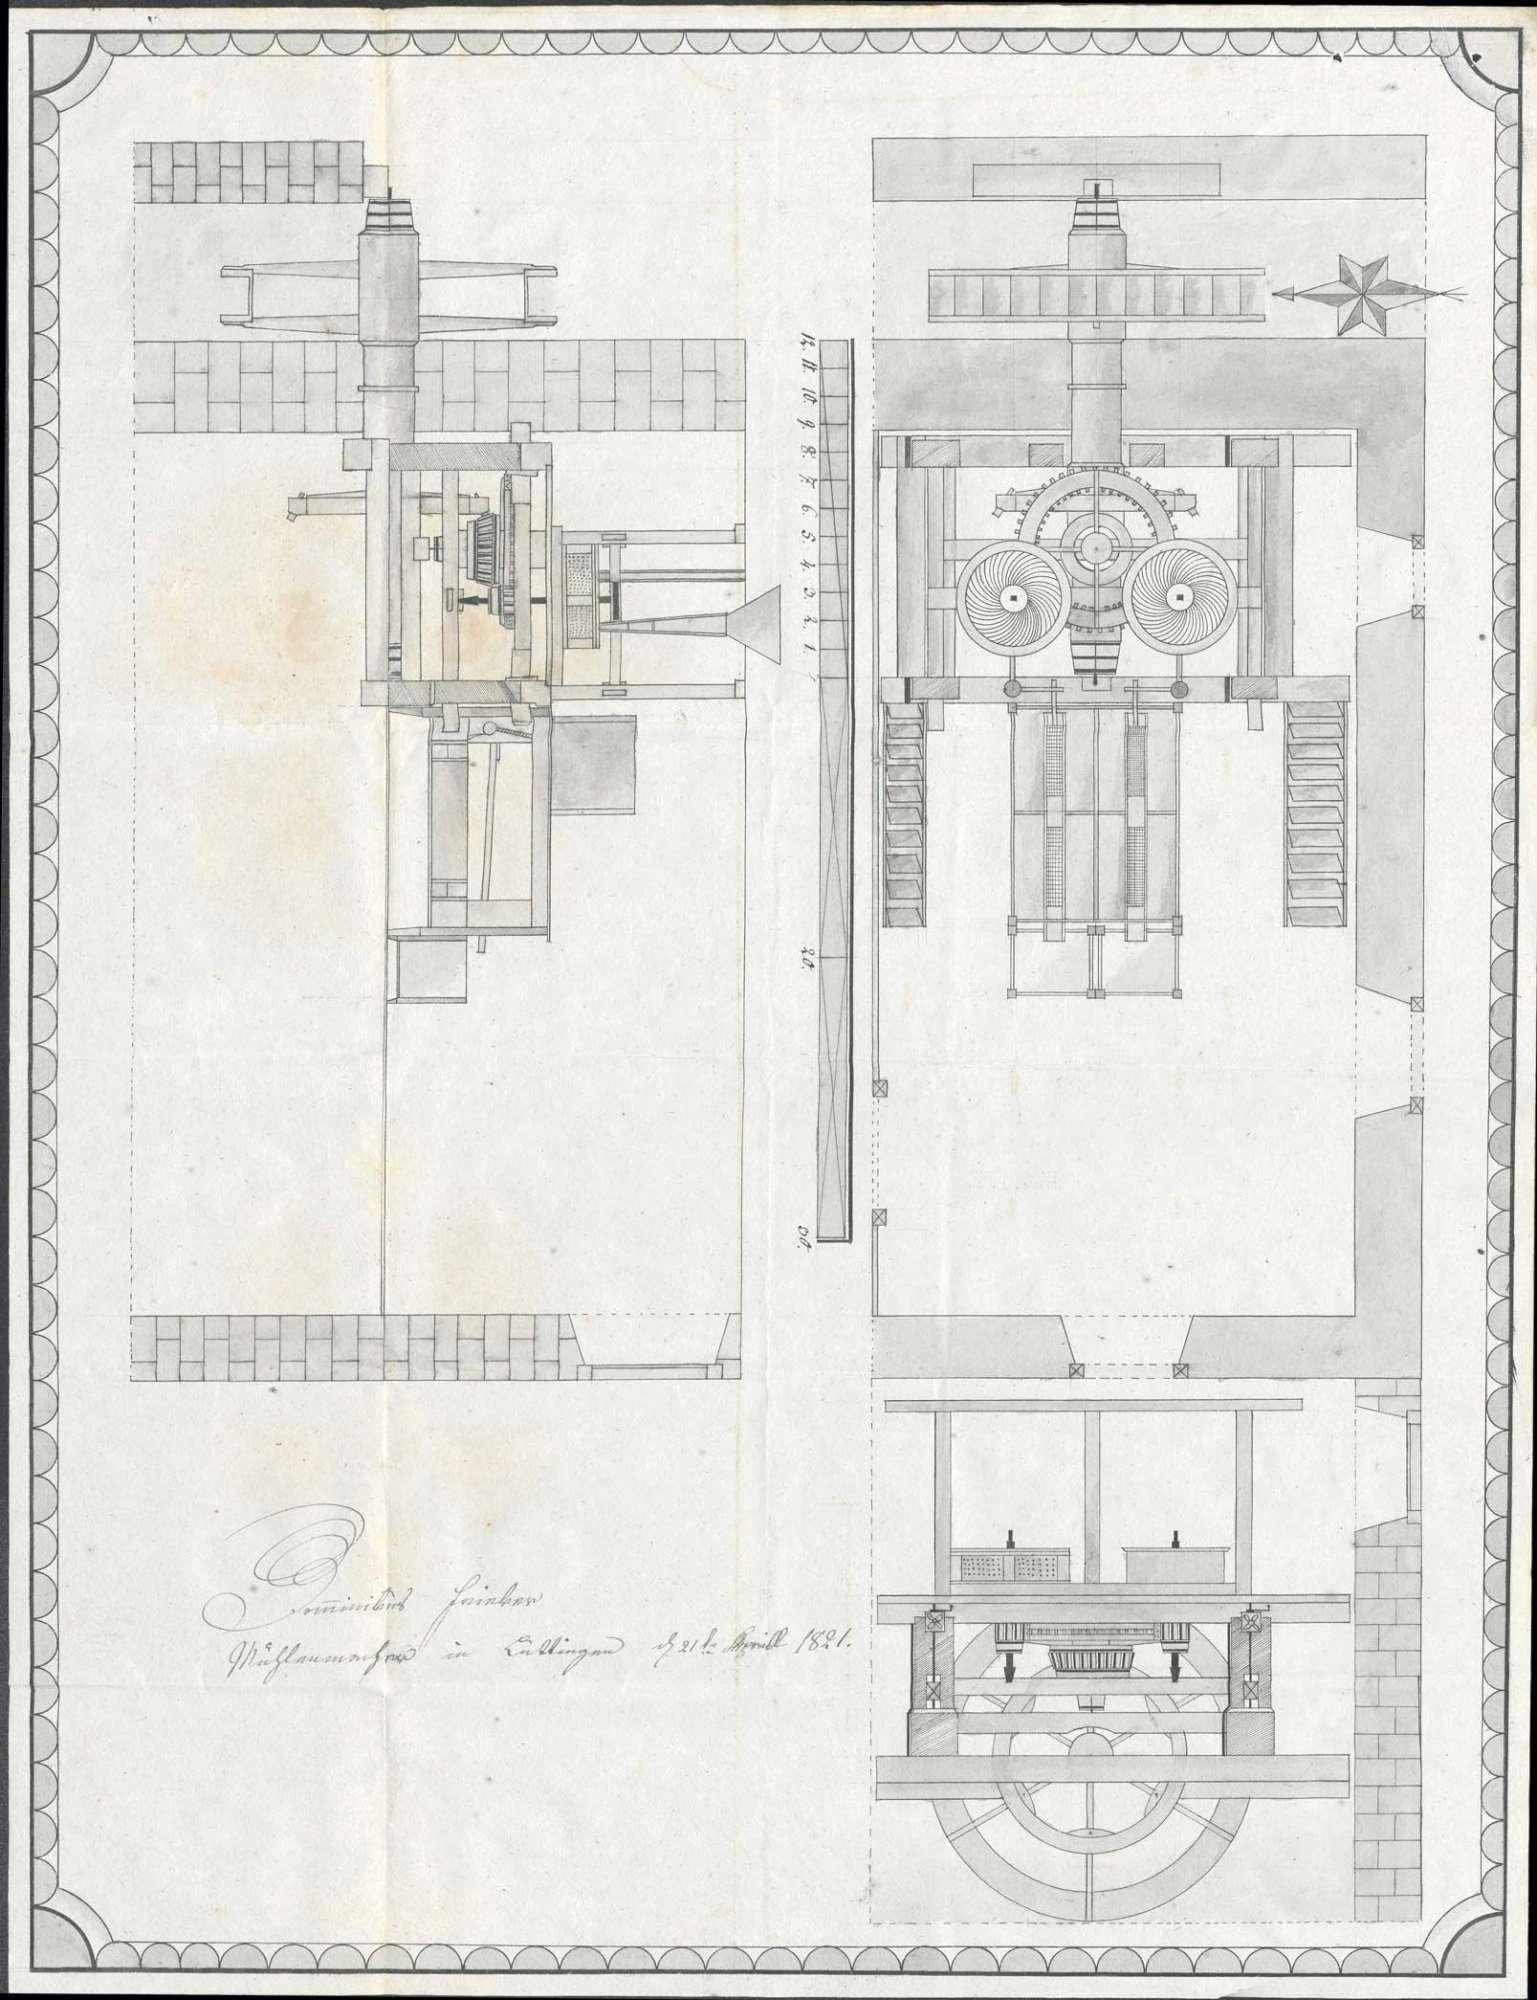 Baugesuch des Müllers Johannes Haas sen. von Kleinlaufenburg für eine Gerstenmühle, Bild 1